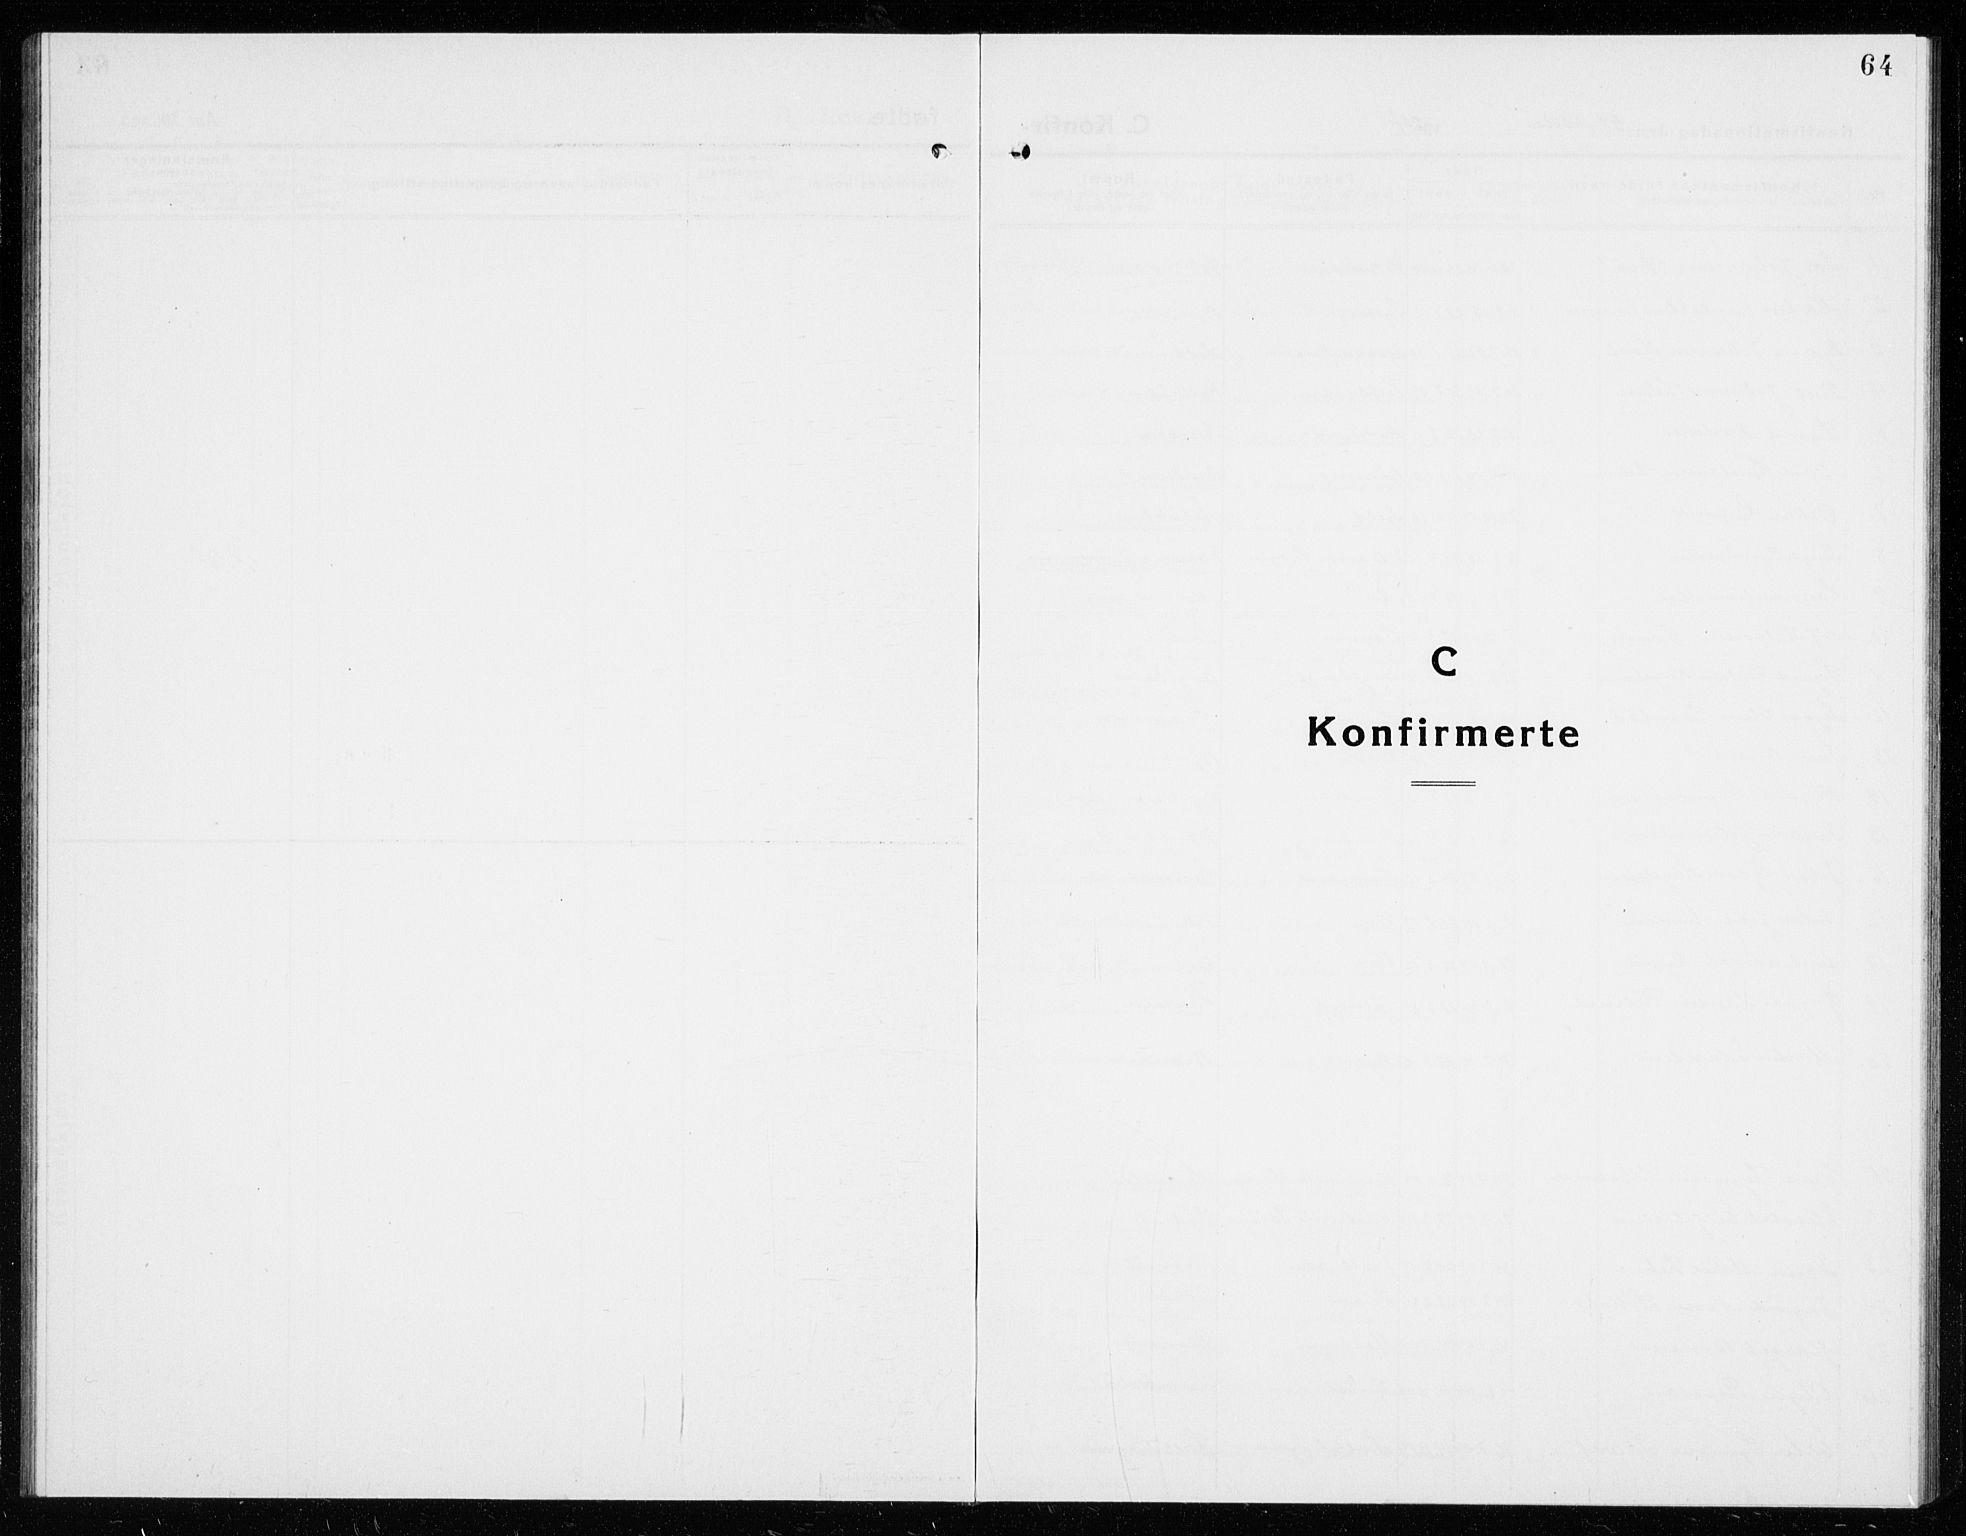 SAKO, Hole kirkebøker, G/Ga/L0005: Klokkerbok nr. I 5, 1924-1938, s. 64